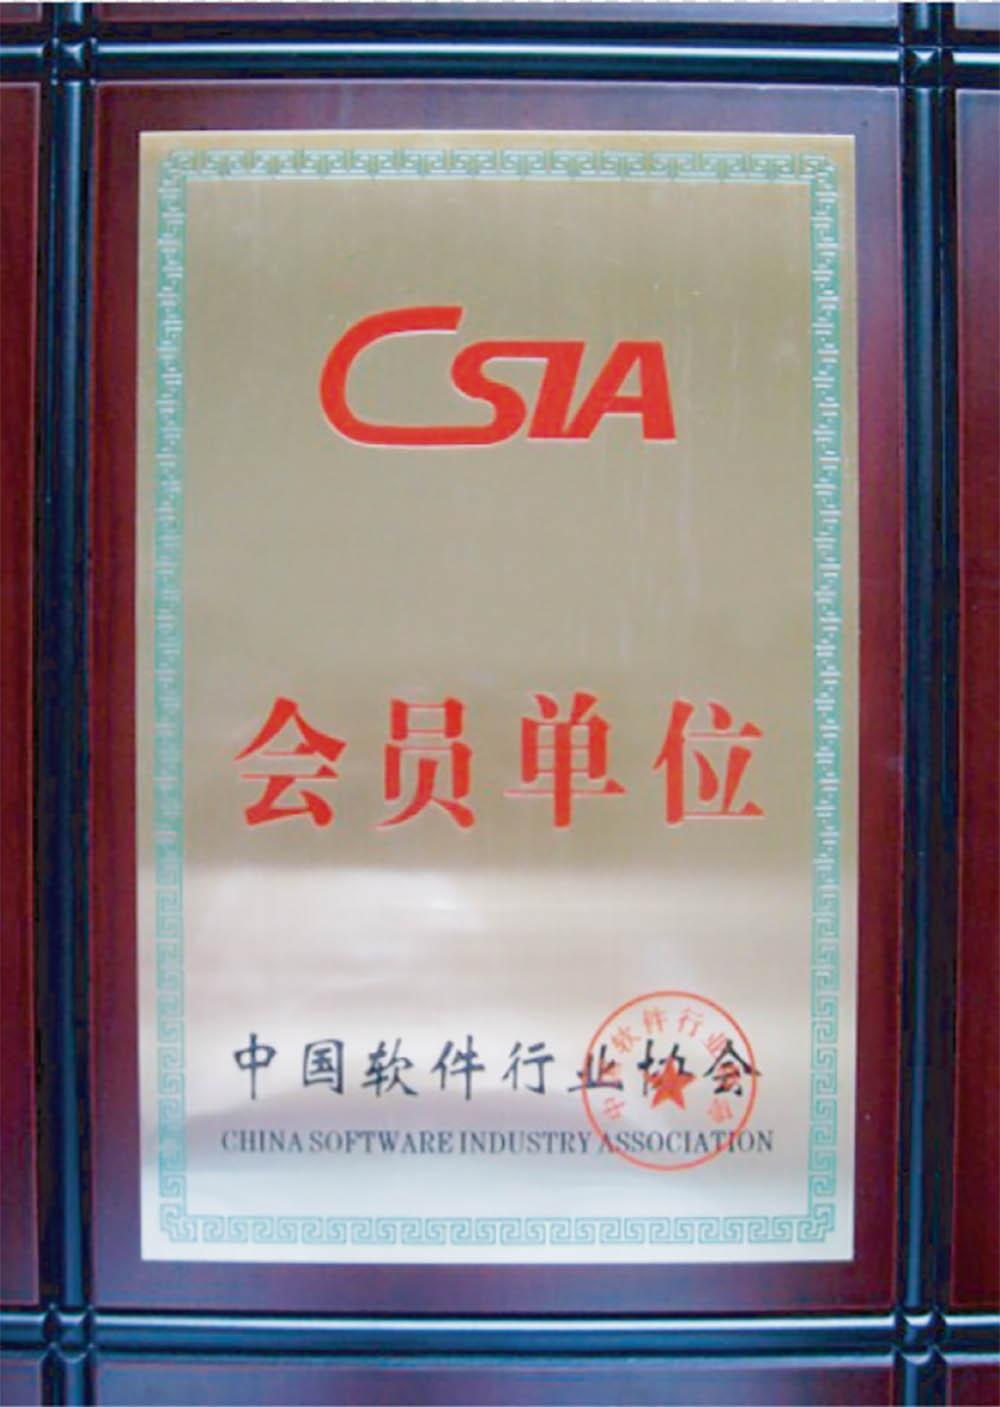 中国贝博ballbet苹果下载行业协会会员单位